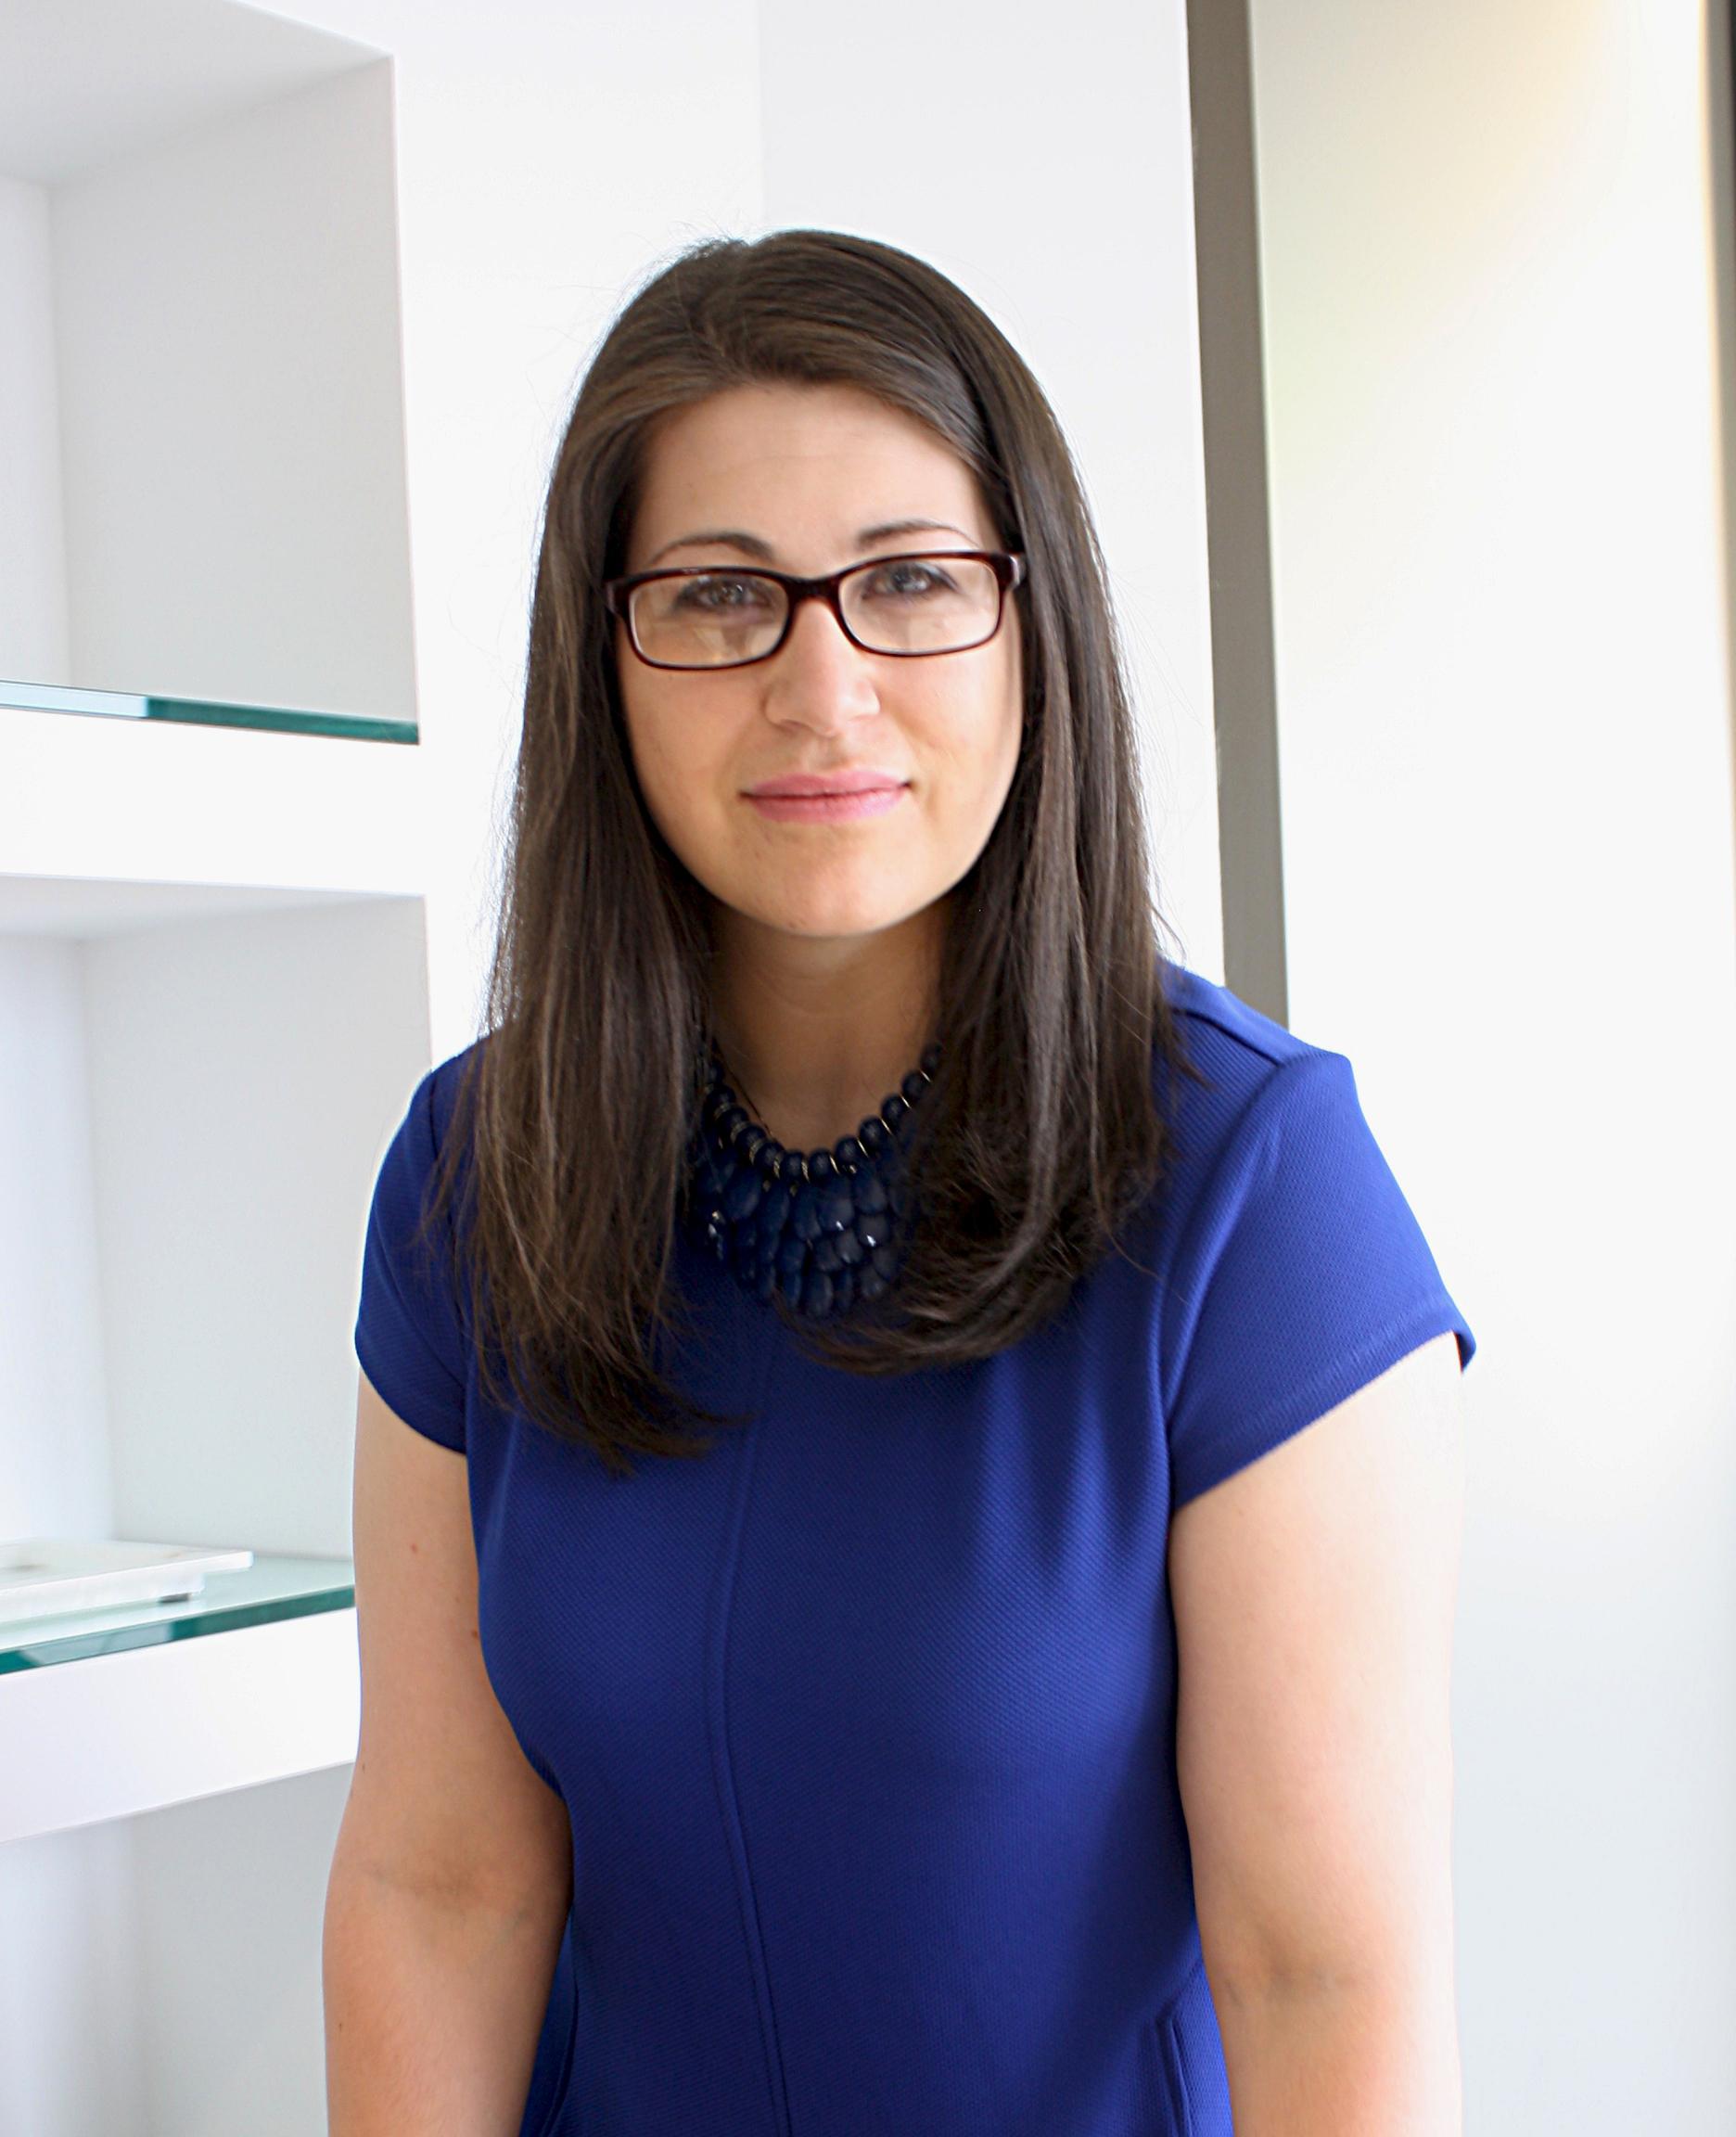 Kayleigh Mihalko